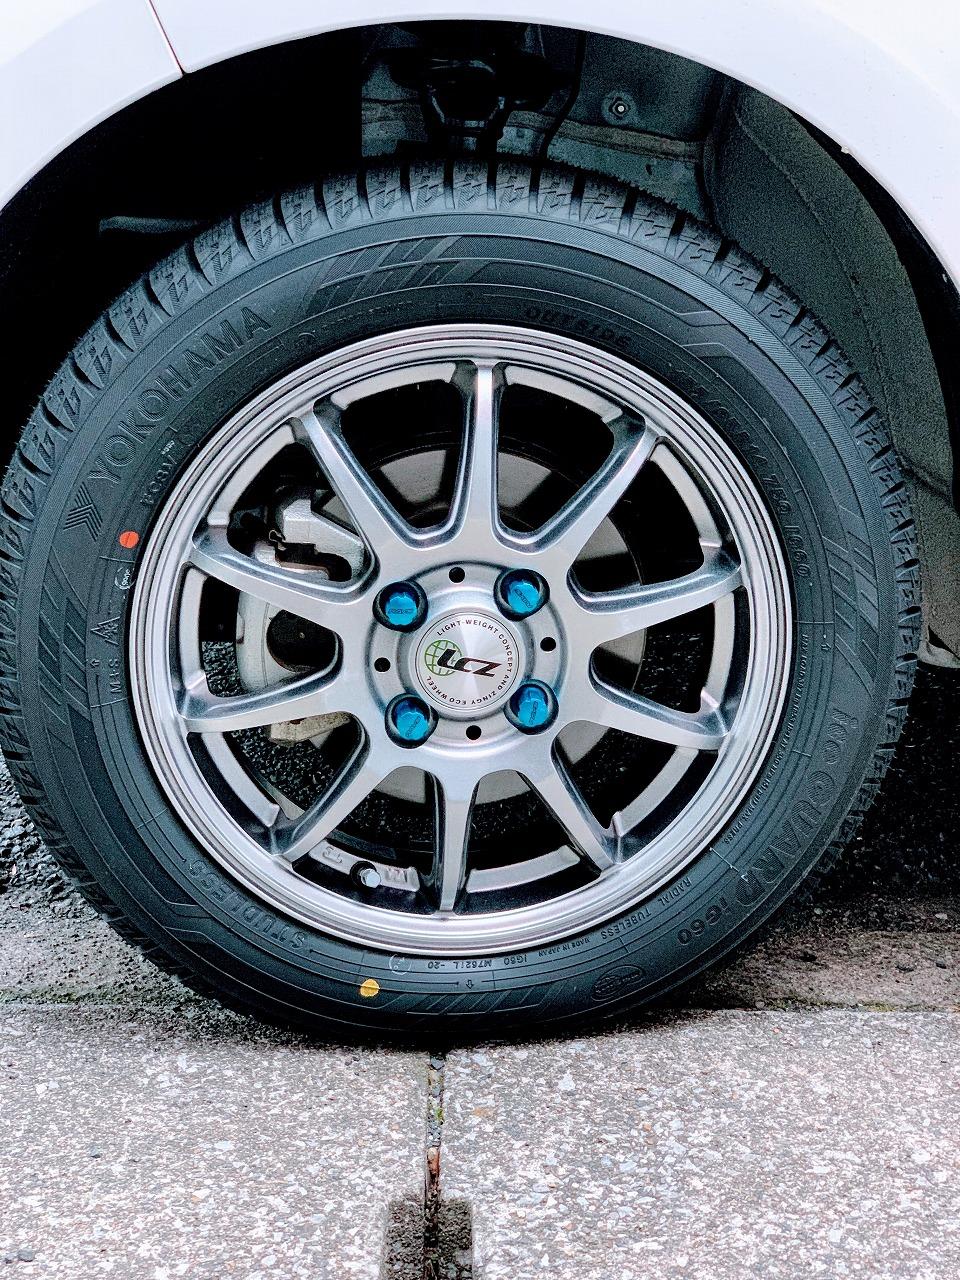 N-BOXカスタムに履いたヨコハマ・アイスガード6(スタッドレスタイヤ)のドライ路面や高速道路での性能について軽くレビュー^^